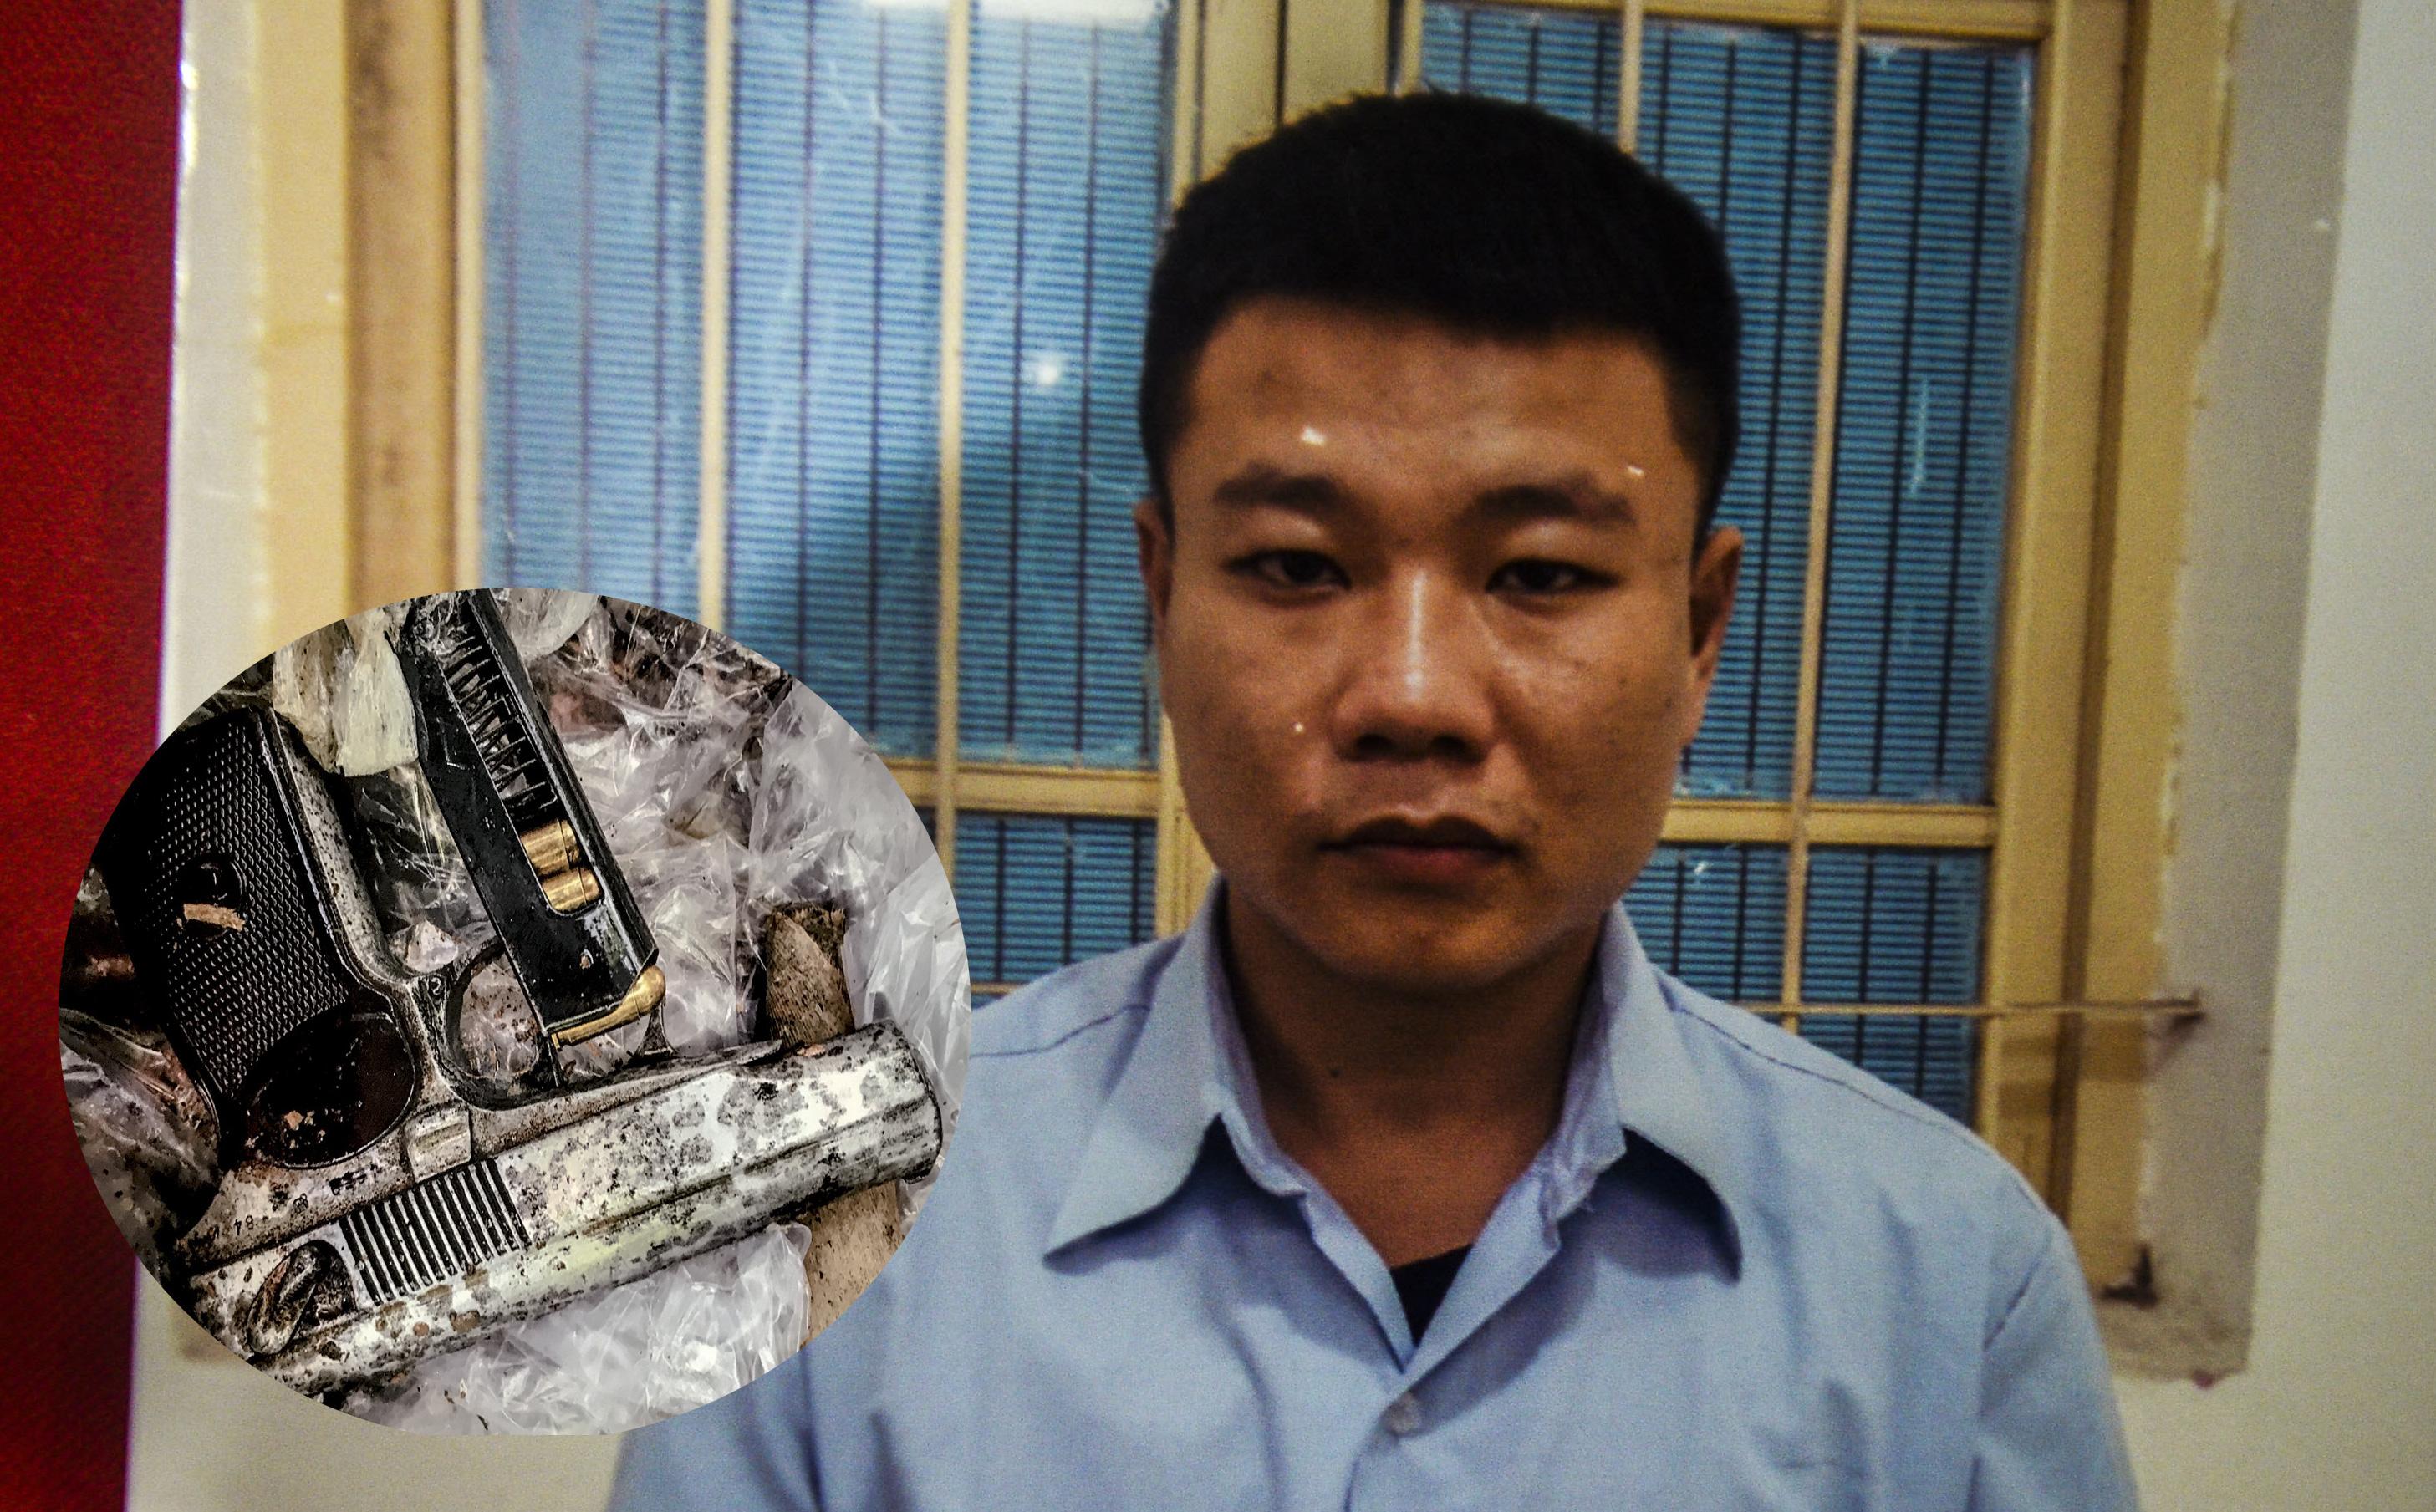 Kẻ nổ súng cướp ngân hàng ở Sóc Sơn khai báo quanh co về khẩu súng